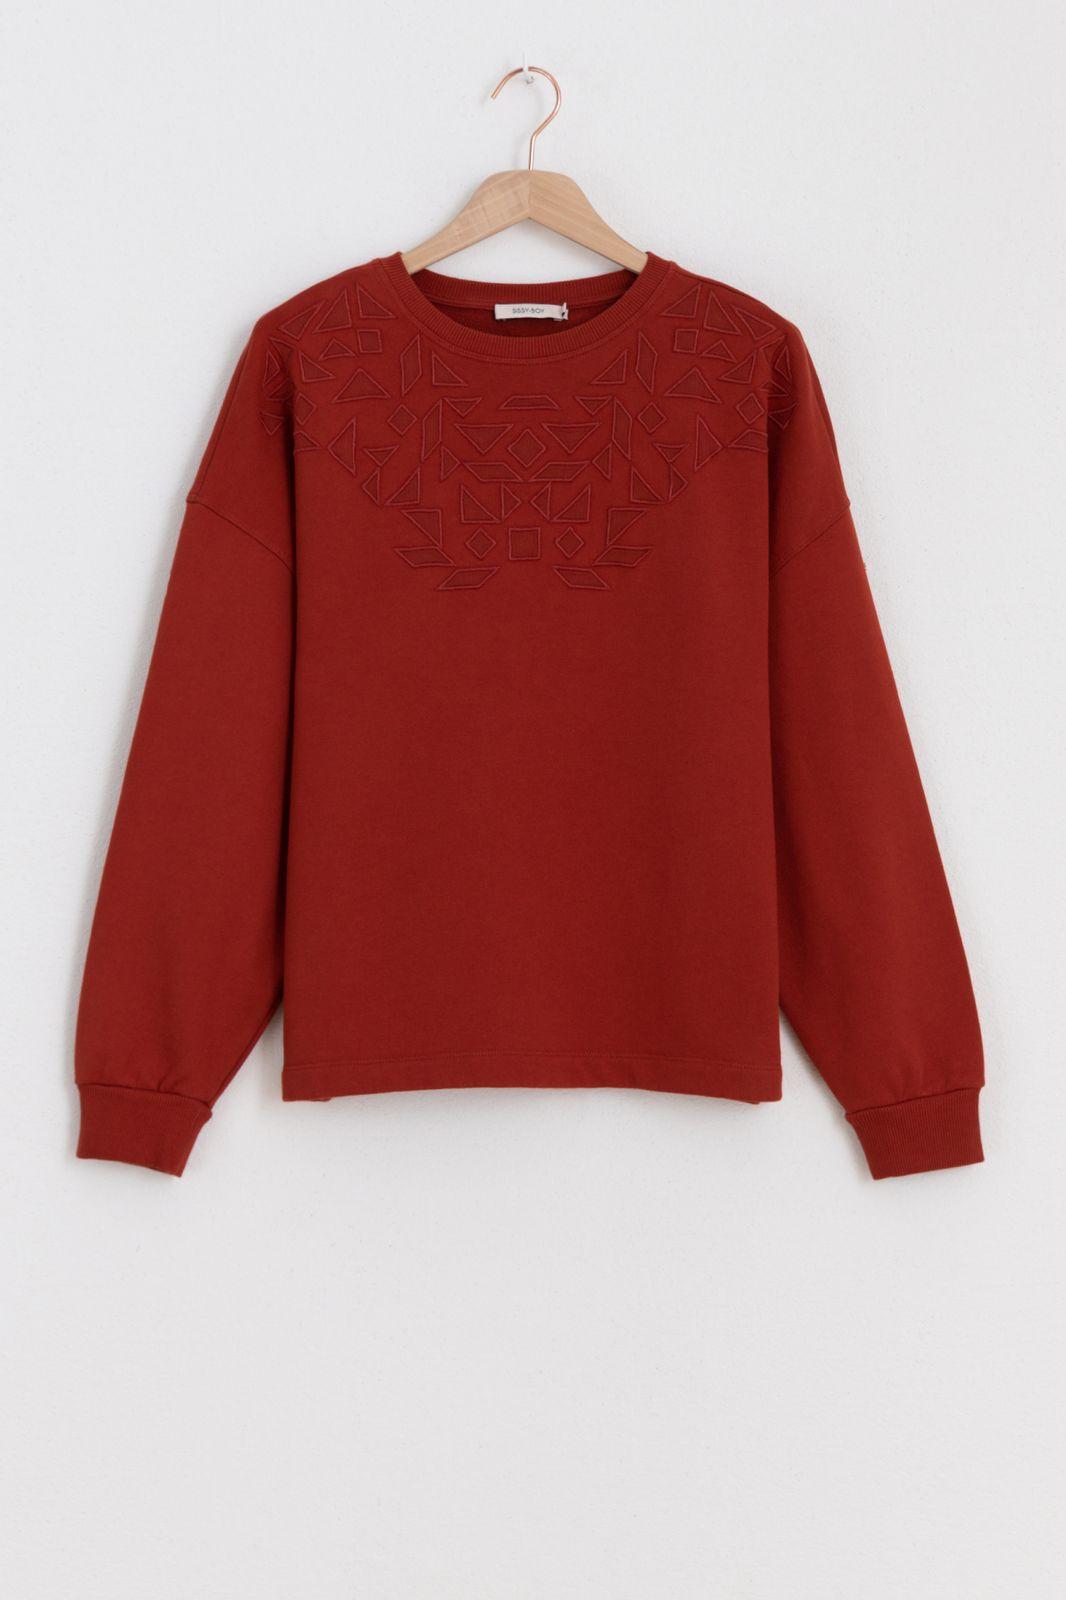 Donkerrode etnic sweater